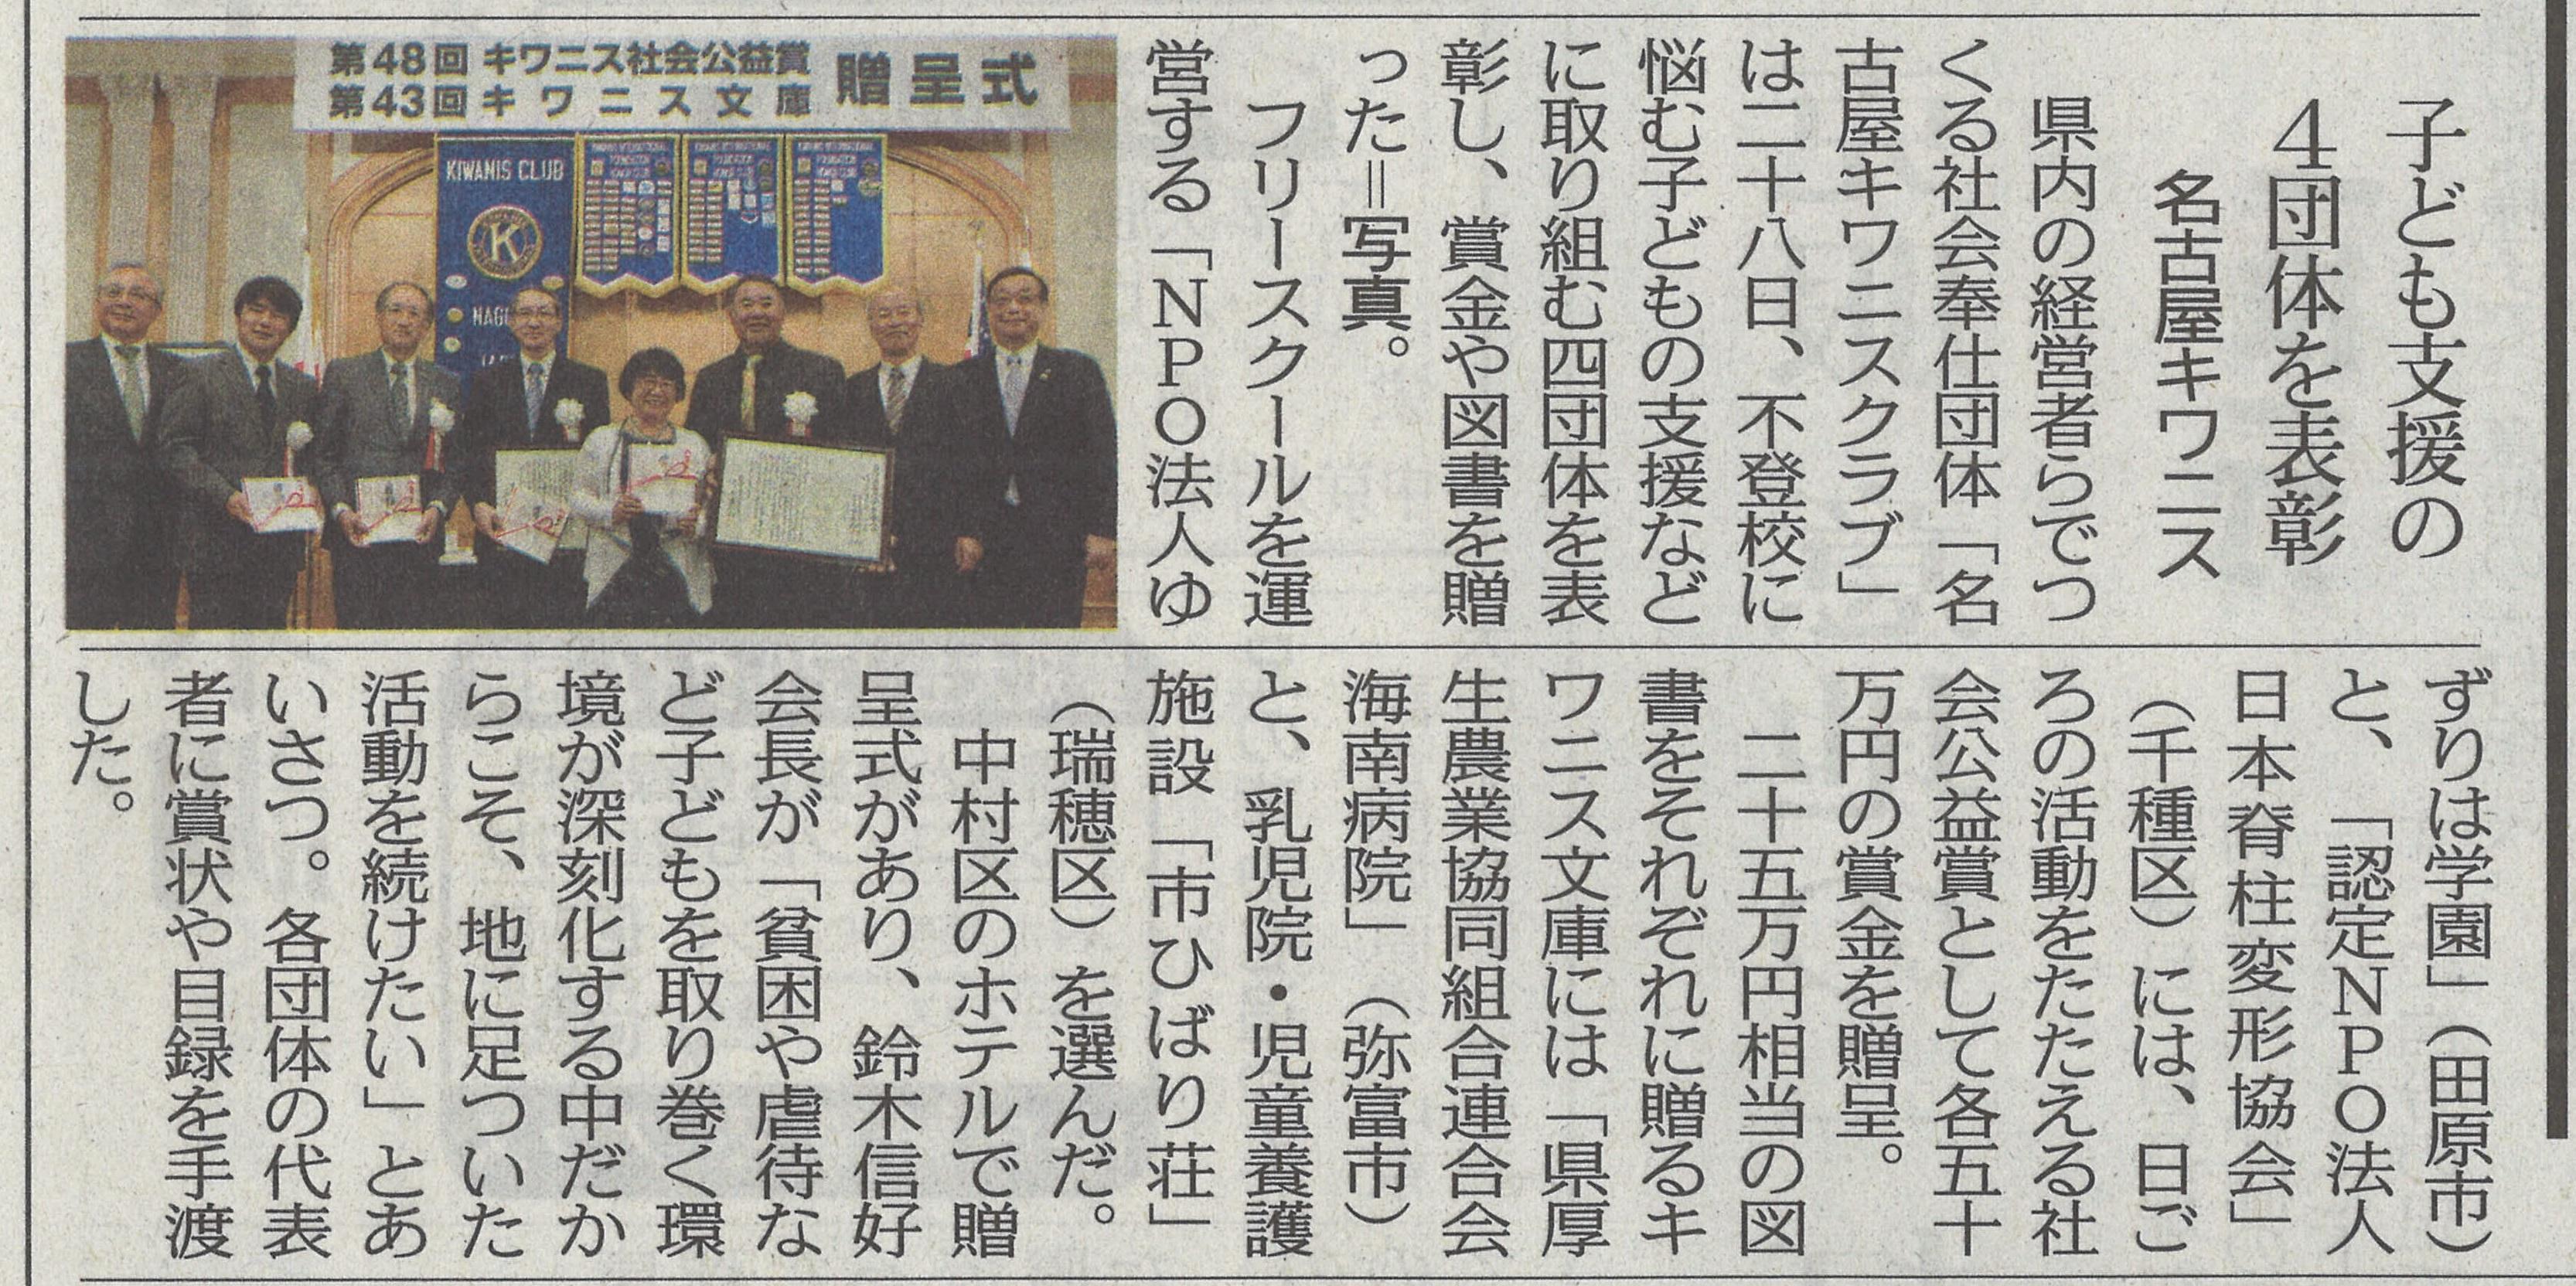 050_中日新聞掲載「子ども支援の4団体を表彰ー名古屋キワニス」